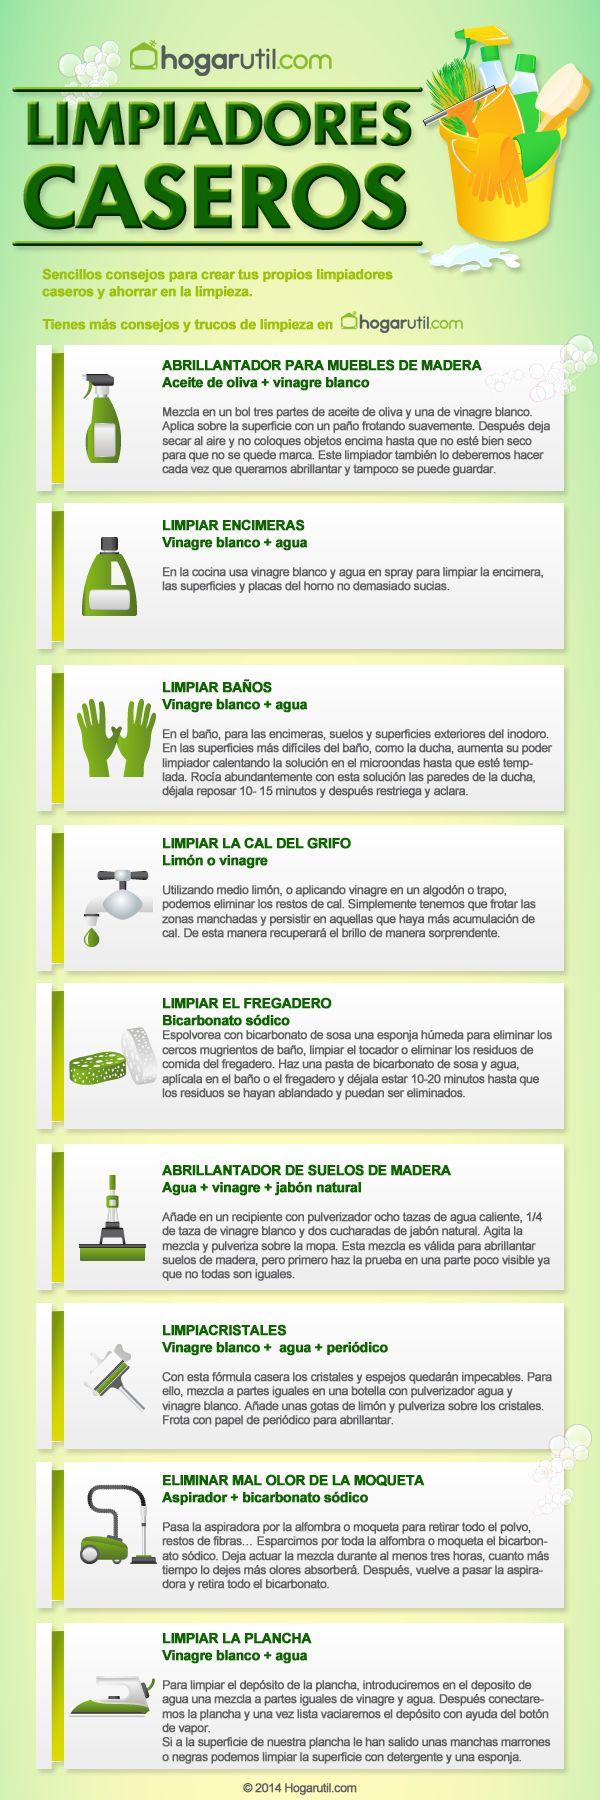 Infografía para hacer limpiadores caseros #infografia #limpieza Más info: http://www.hogarutil.com/hogar/limpieza-orden/objetos/201403/infografia-para-hacer-limpiadores-caseros-23959.html